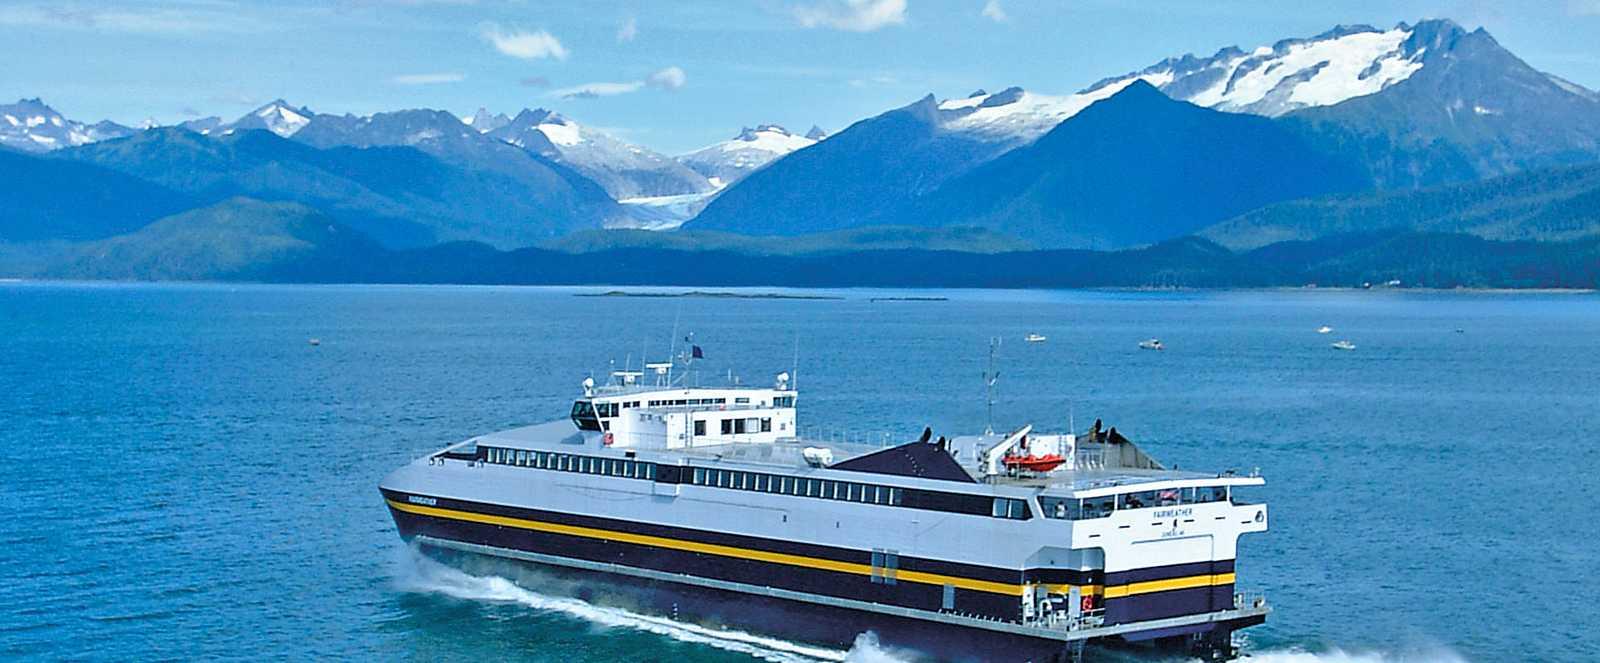 Schiff von Alaska Ferry